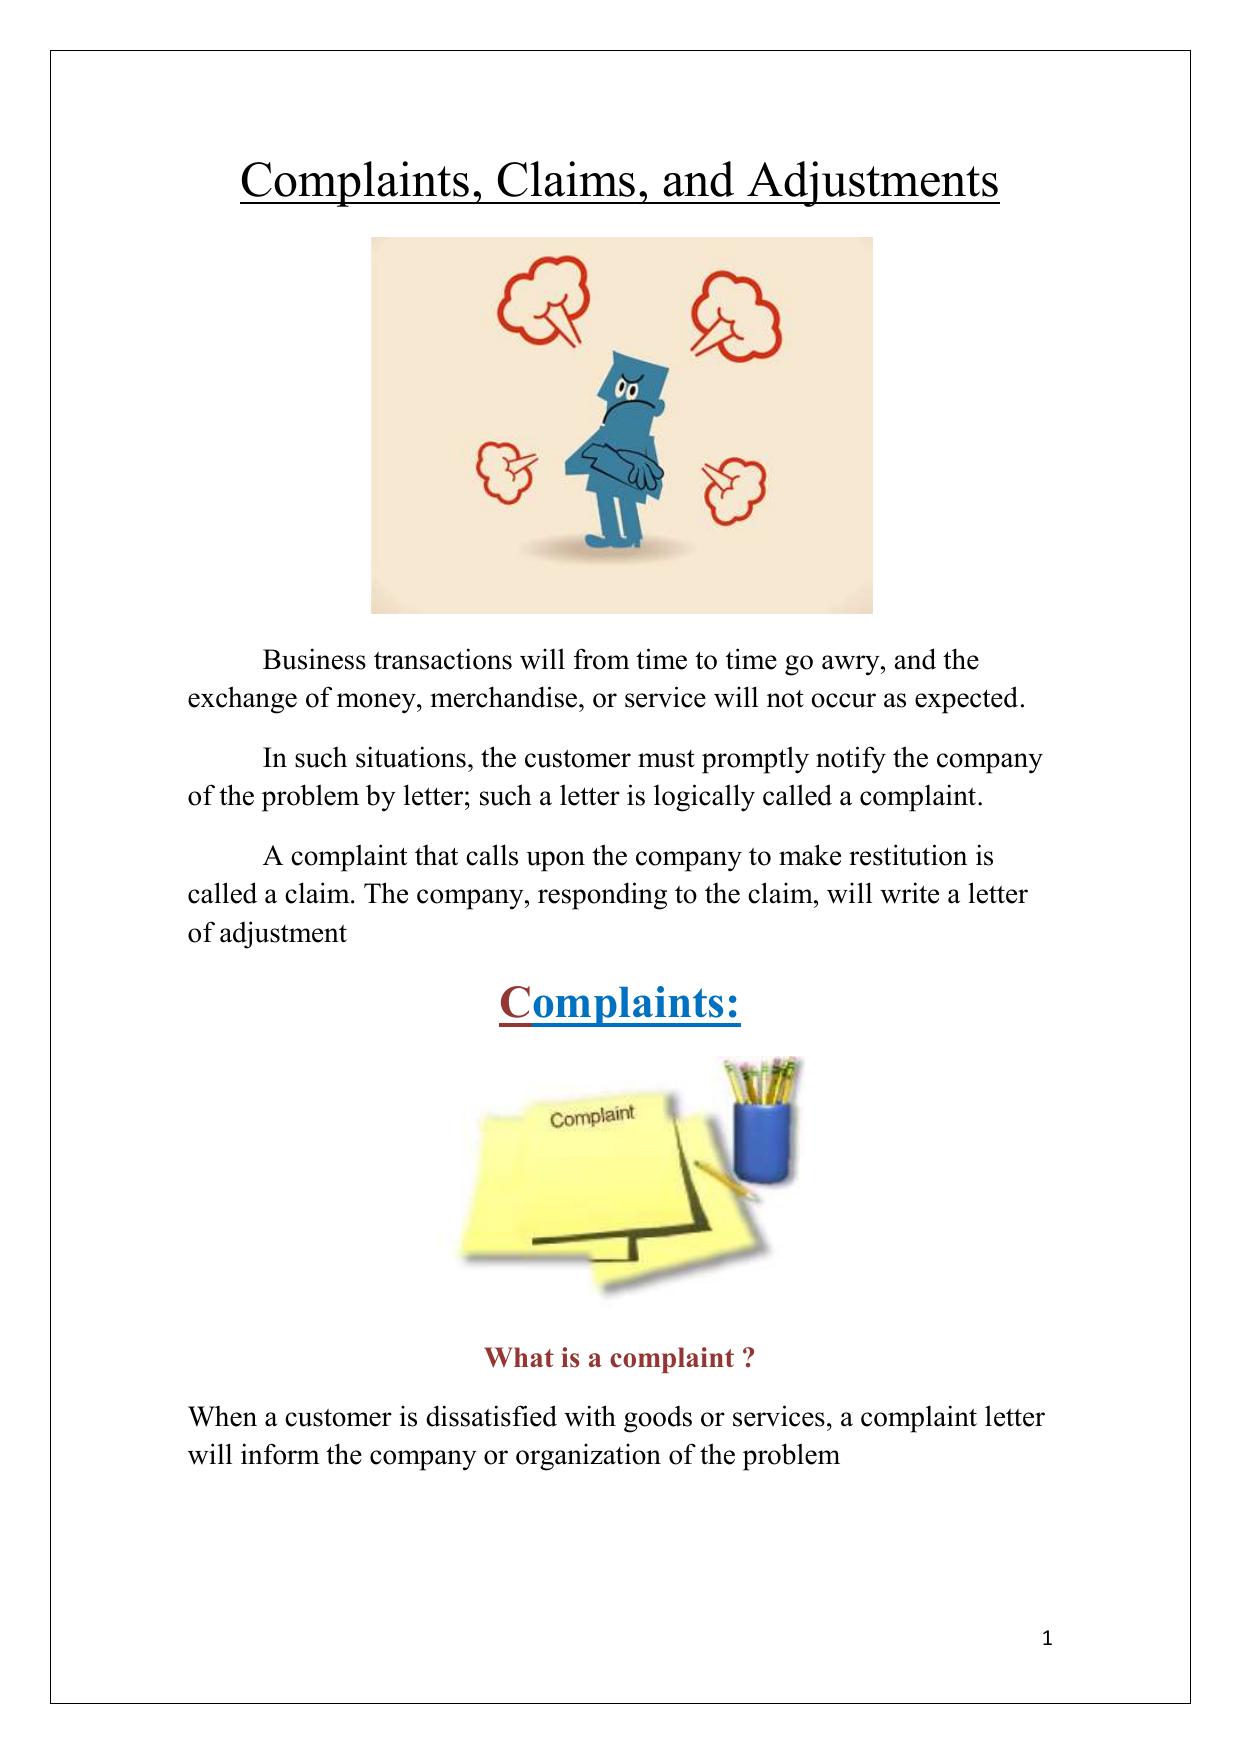 Complaints claims and adjustments altavistaventures Images